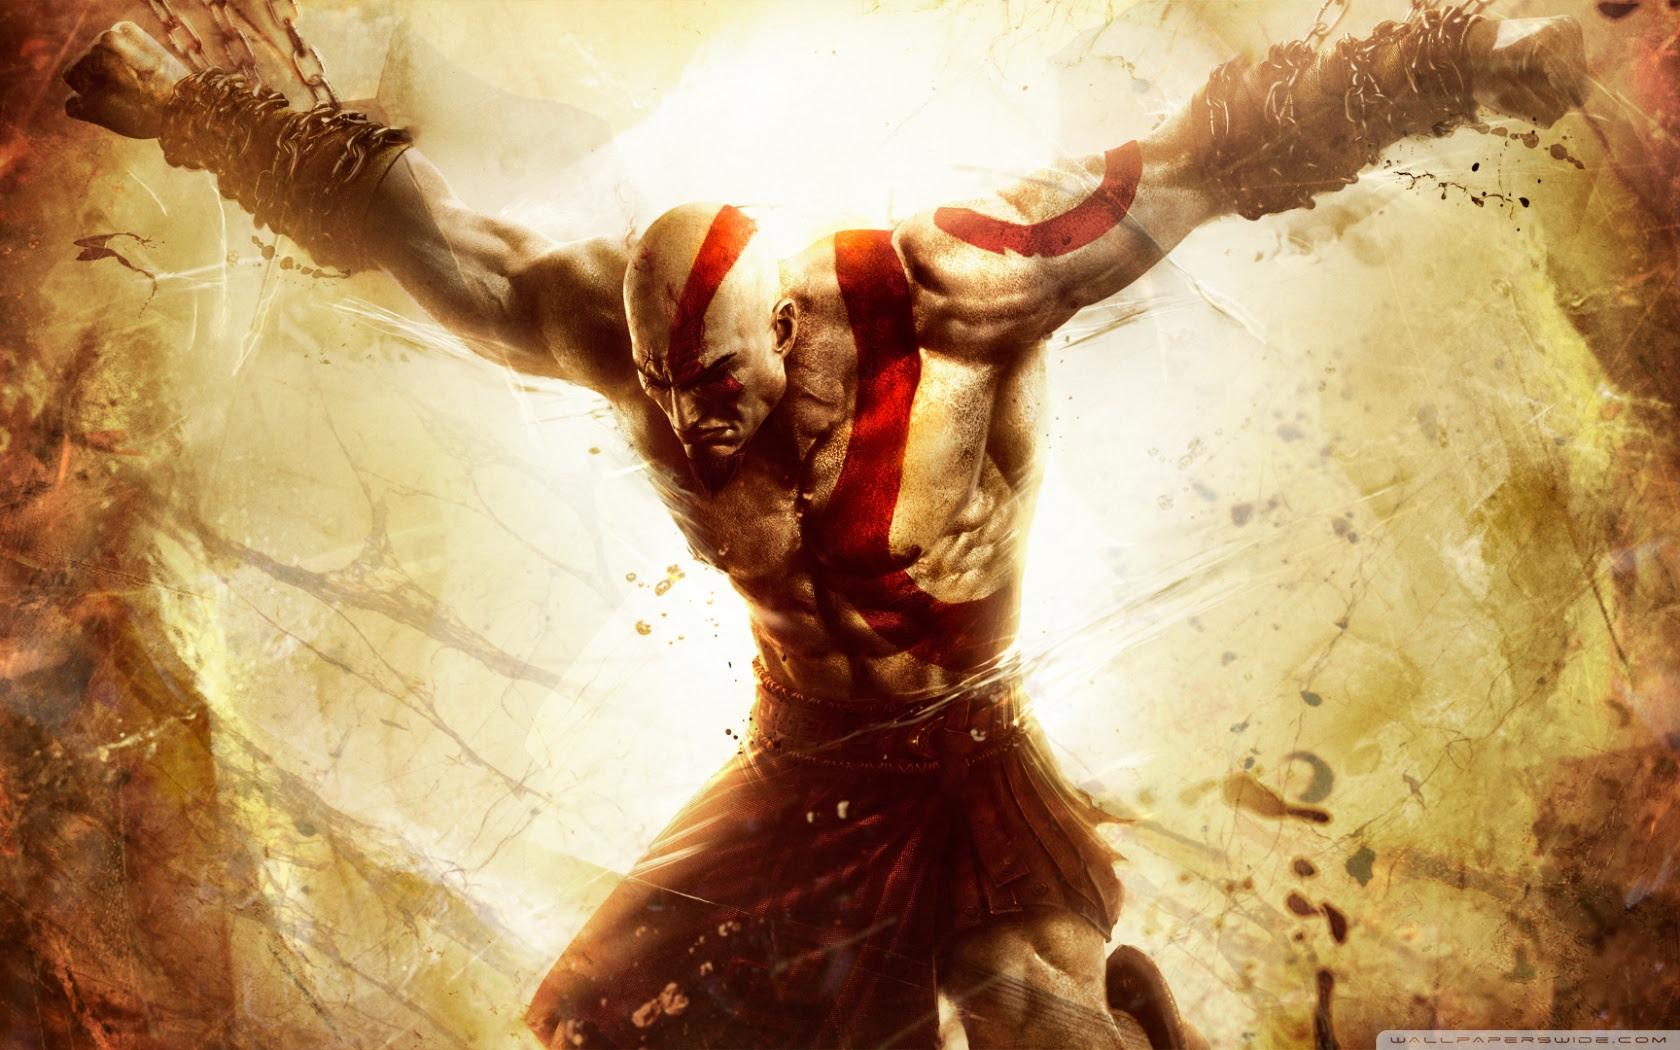 God Of War Ascension Ultra Hd Desktop Background Wallpaper For 4k